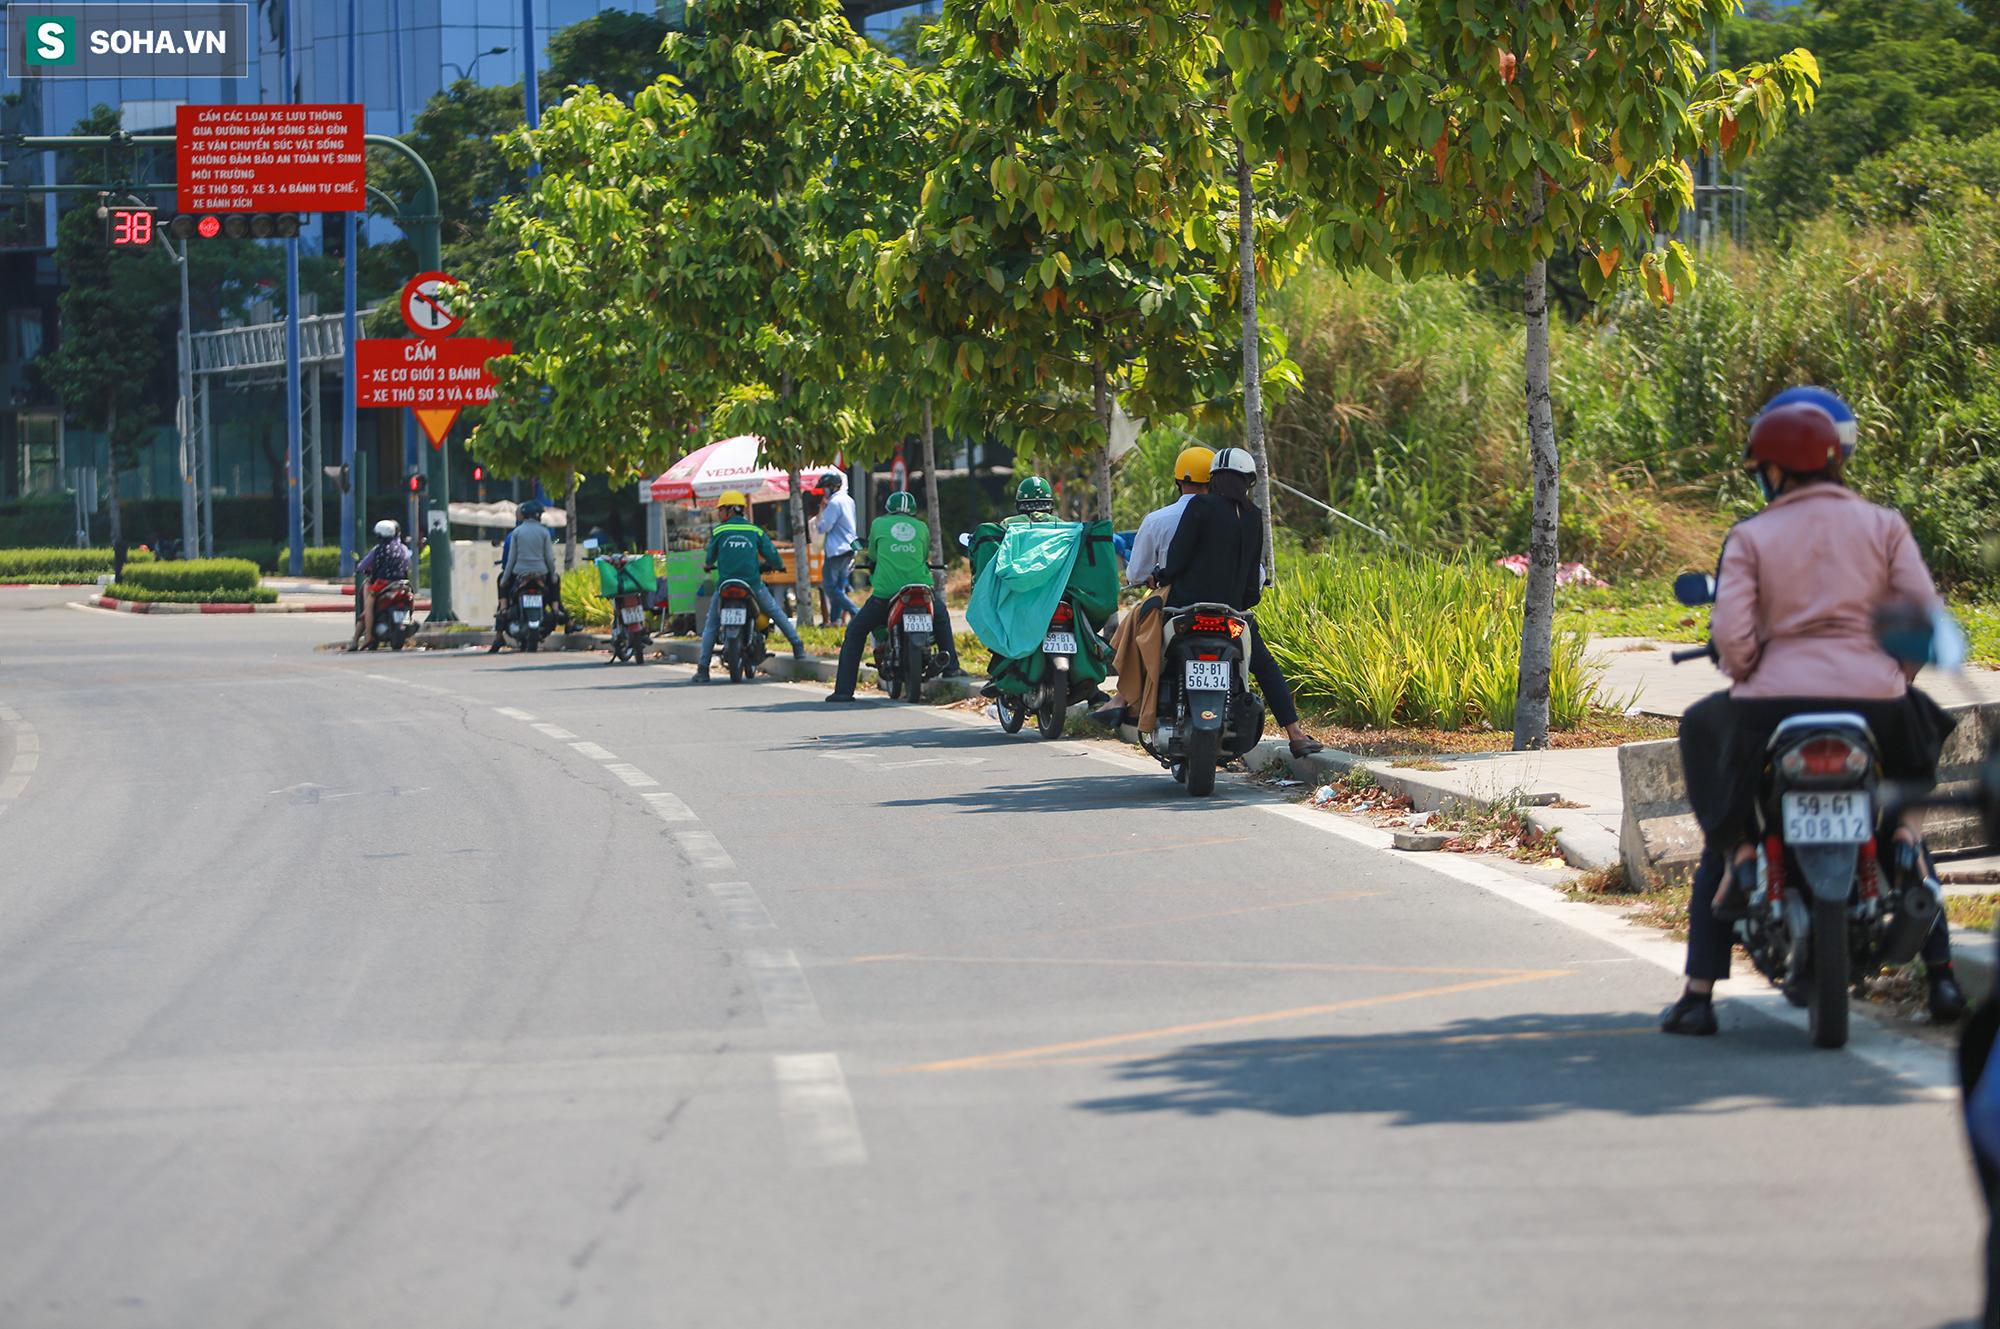 [ẢNH] Đường Sài Gòn nóng như thiêu, người dân vật vã tránh nóng ở góc cây, gầm cầu - Ảnh 9.